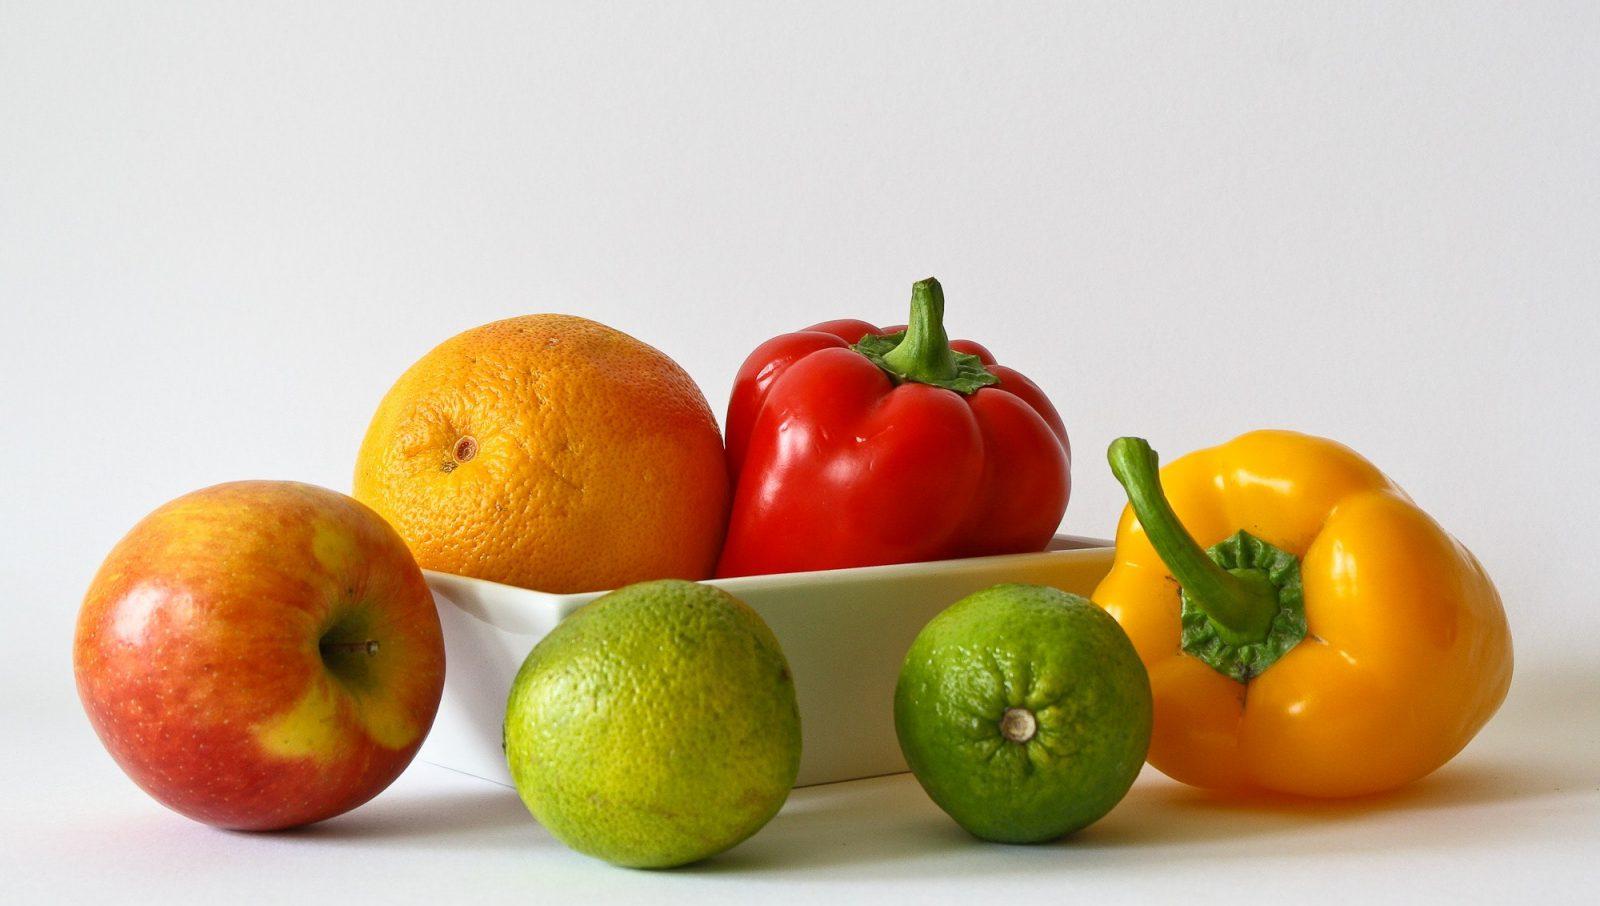 dieta vegana para cachorros: frutas e legumes